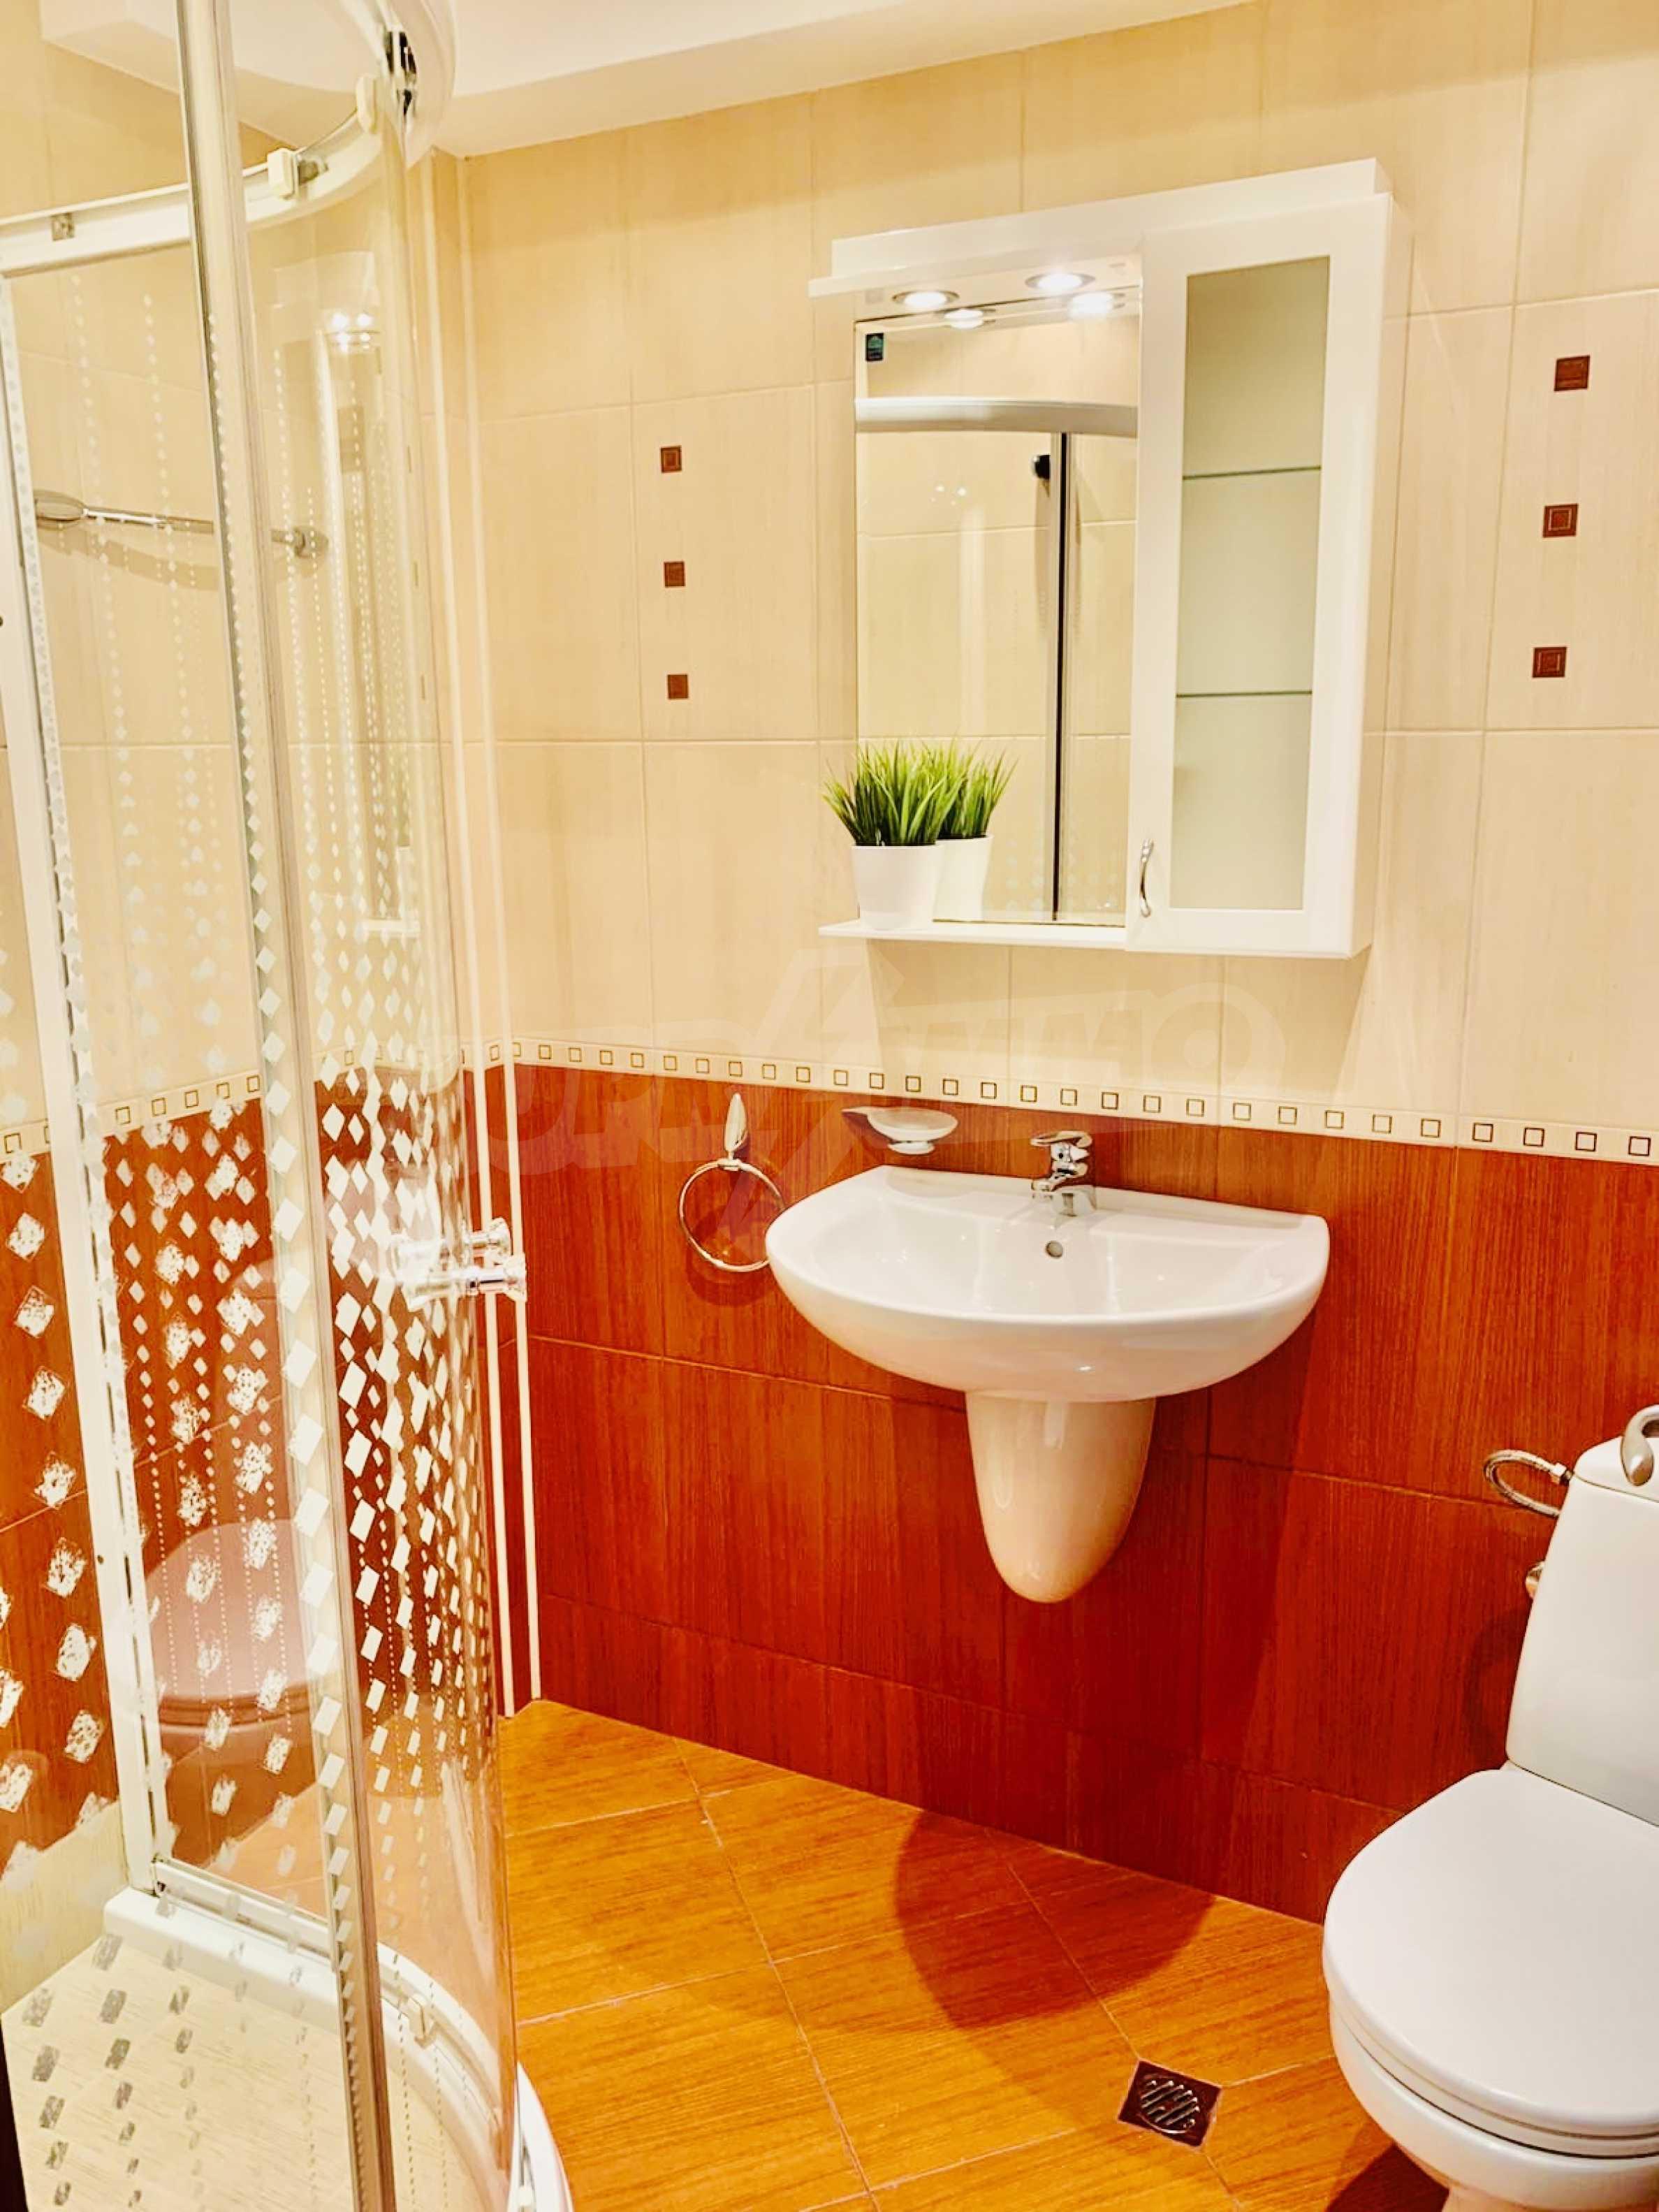 Apartment for rent in Veliko Tarnovo  10